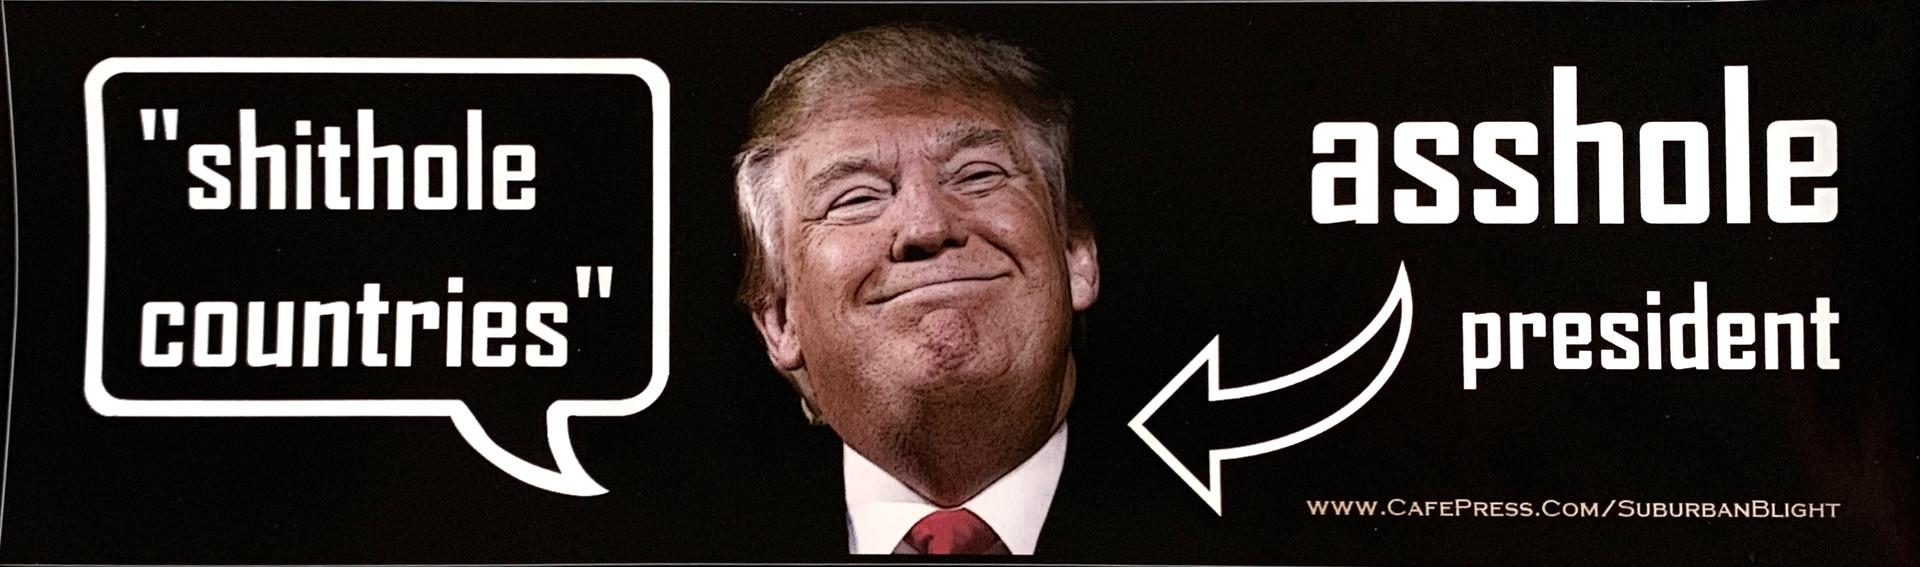 Shithole Countries Asshole Presidentid